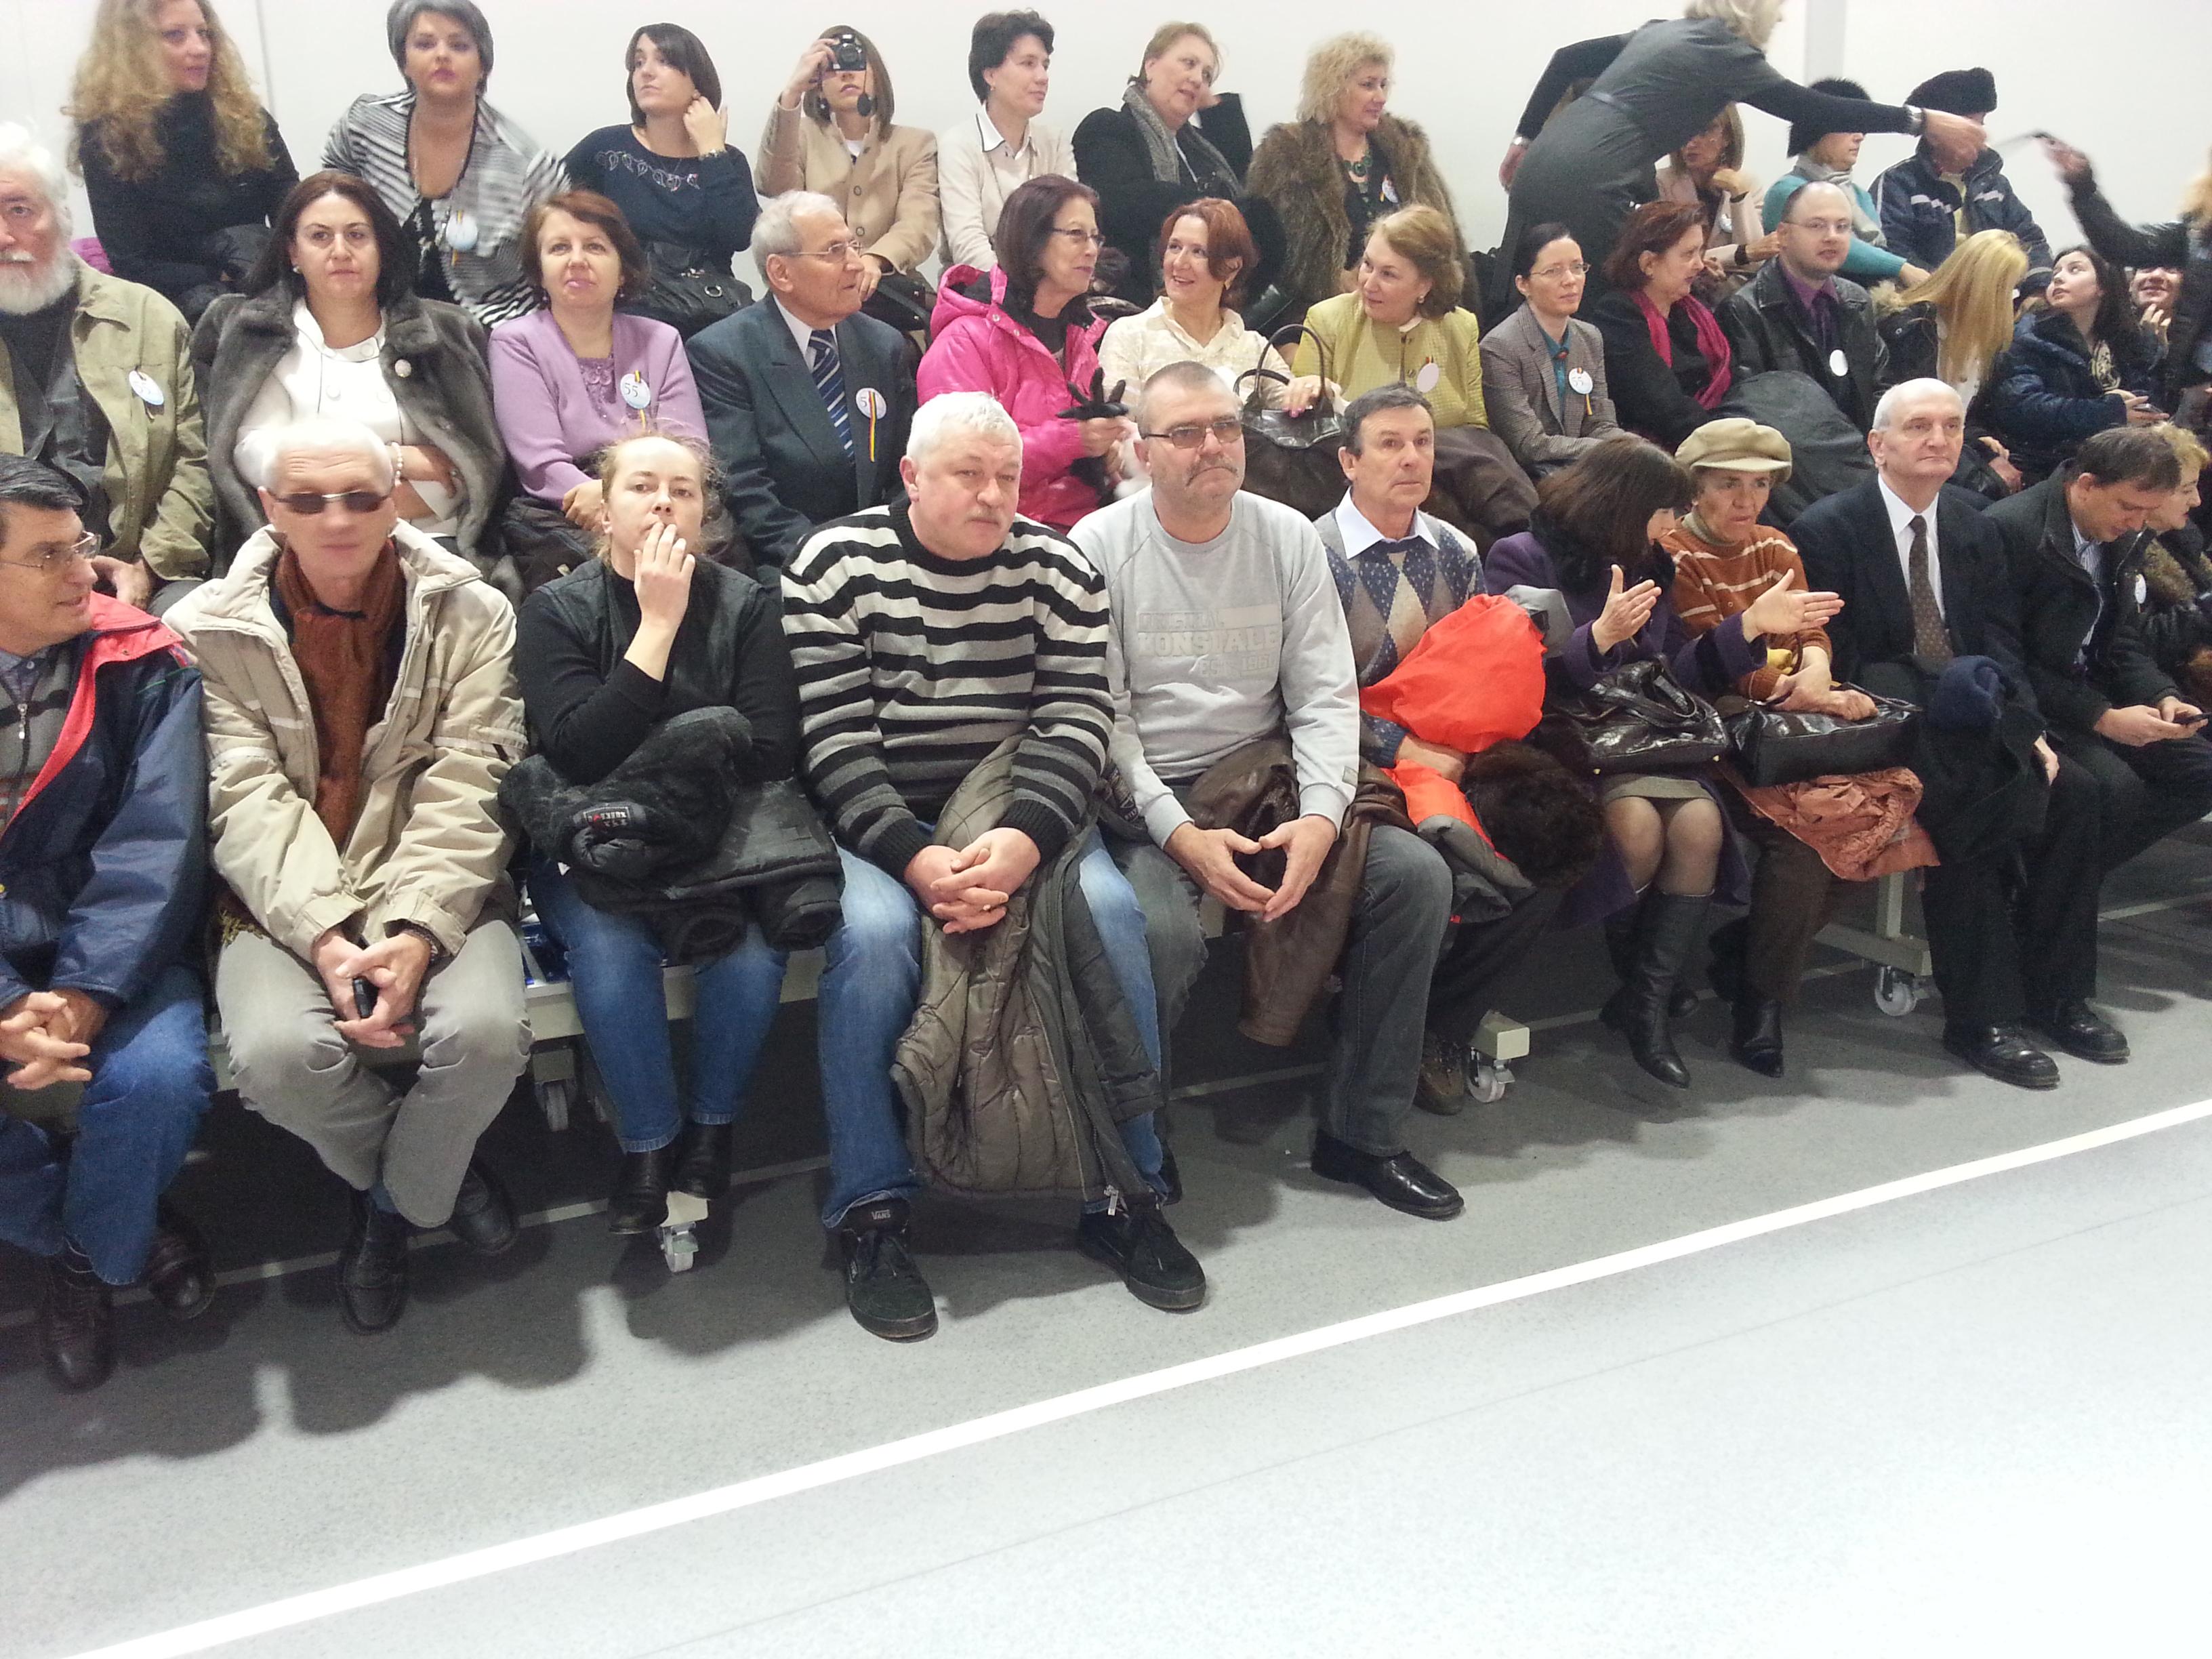 La inaugurare a fost prezent si tatal marelui handbalist Marian Cozma, Petre